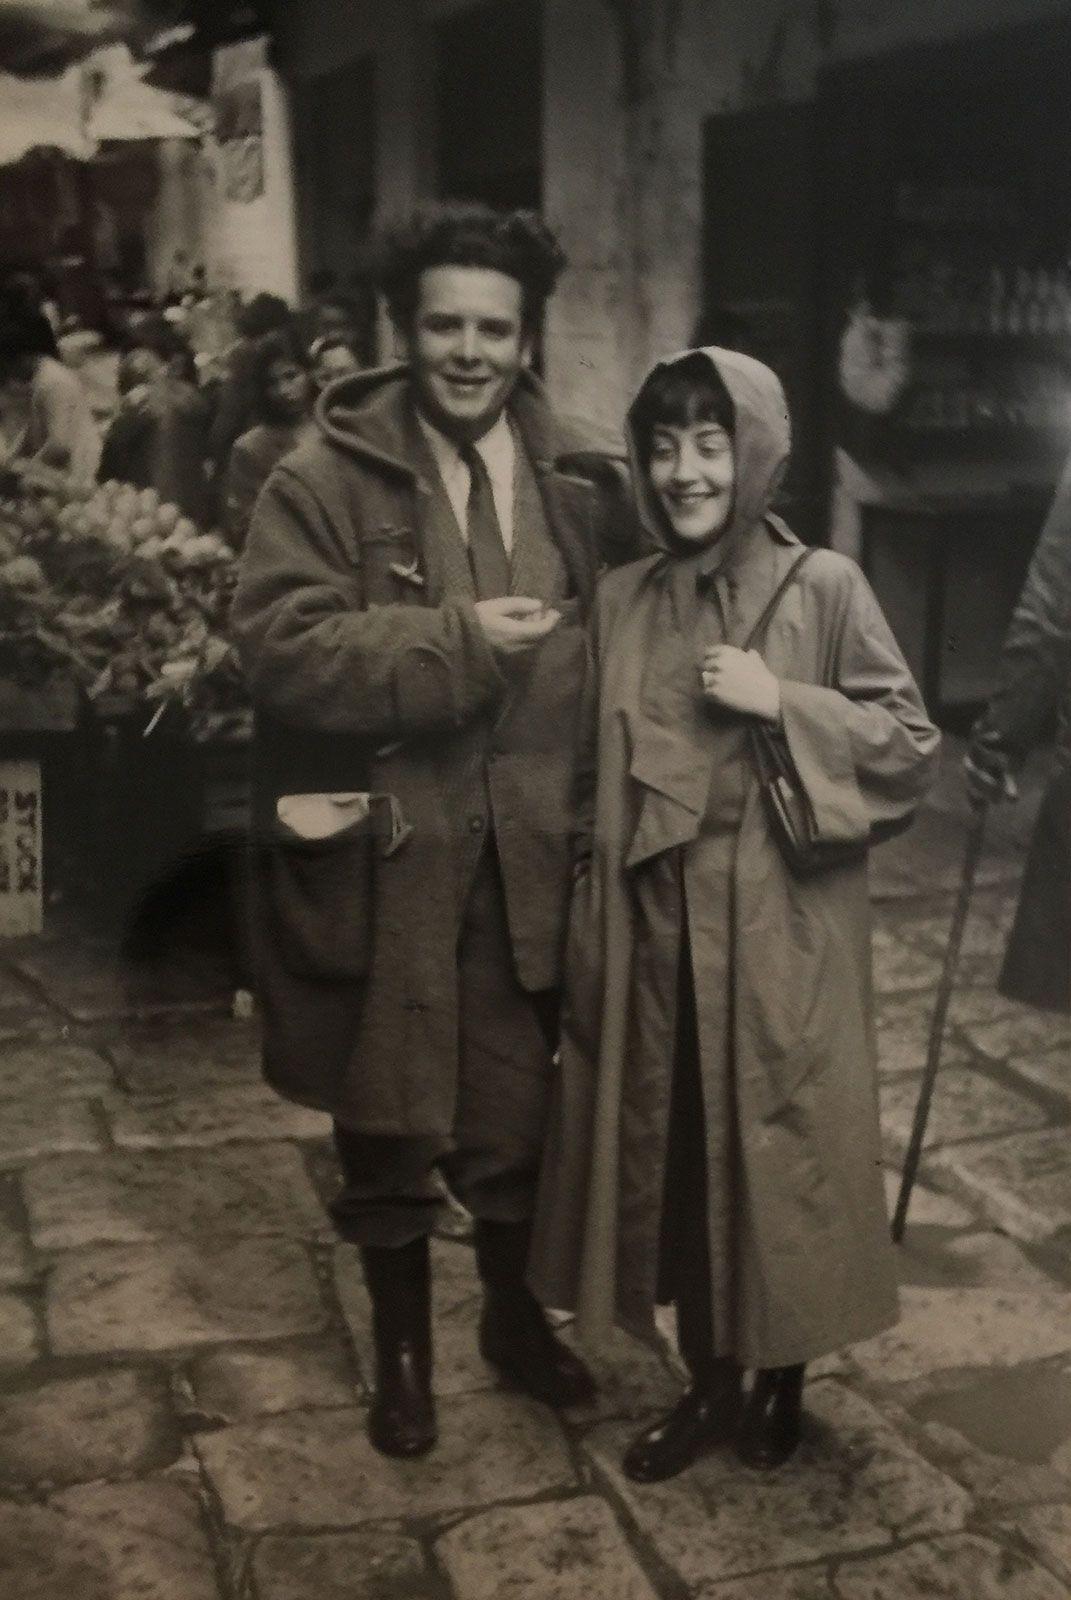 Jan et Eva (Vivette)